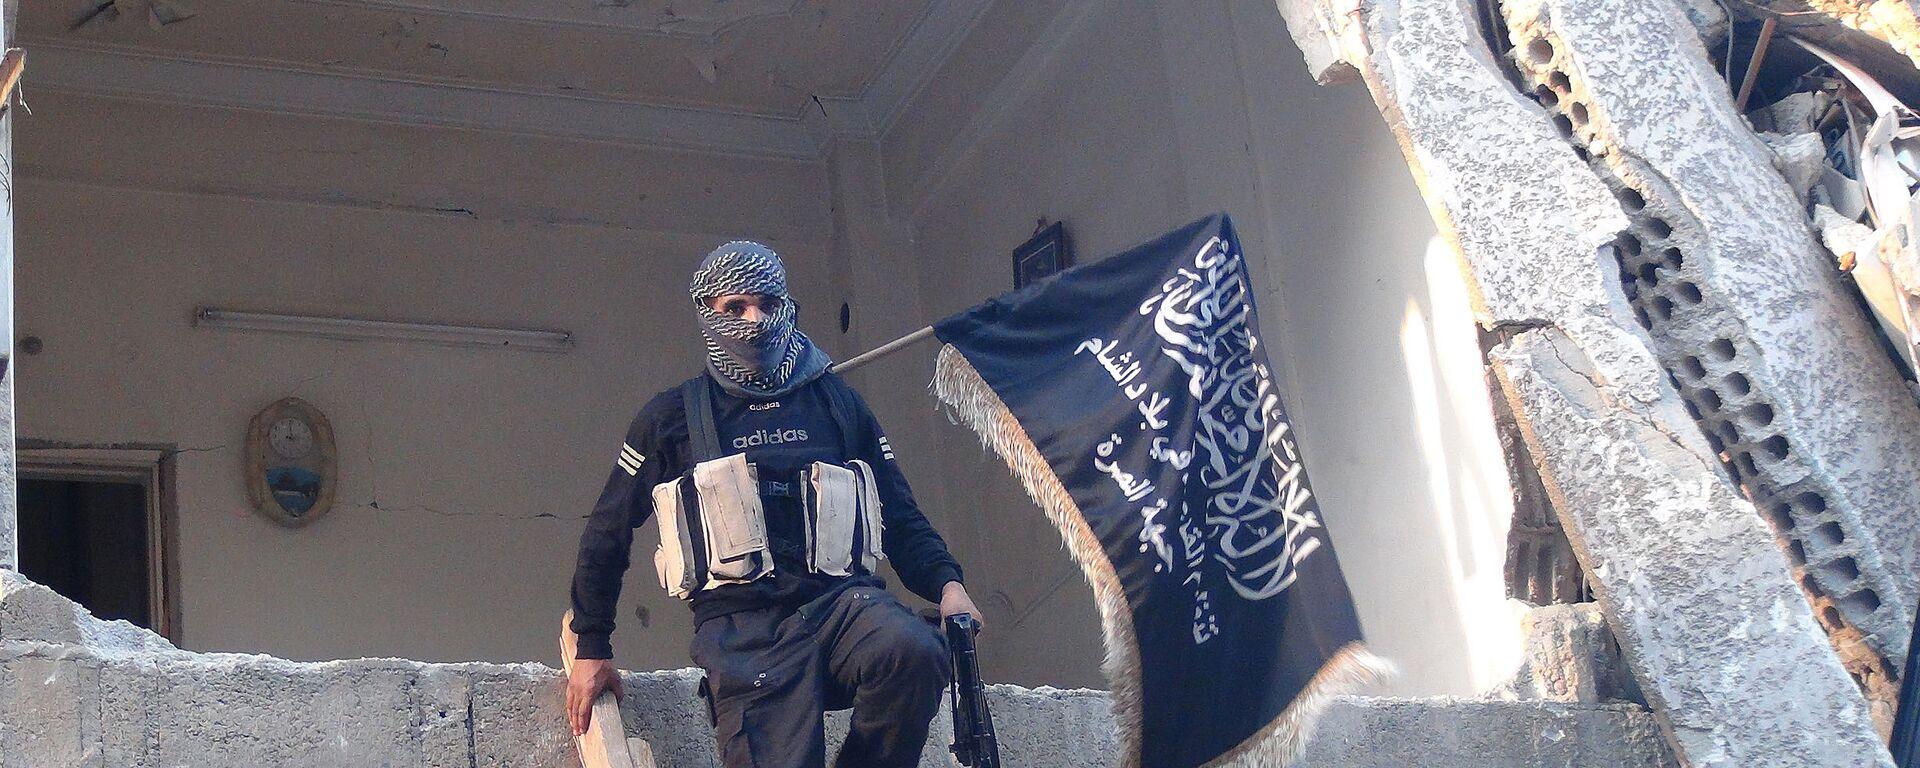 Mitglied der Terrororganisation Al-Qaida (Archivbild) - SNA, 1920, 15.09.2021